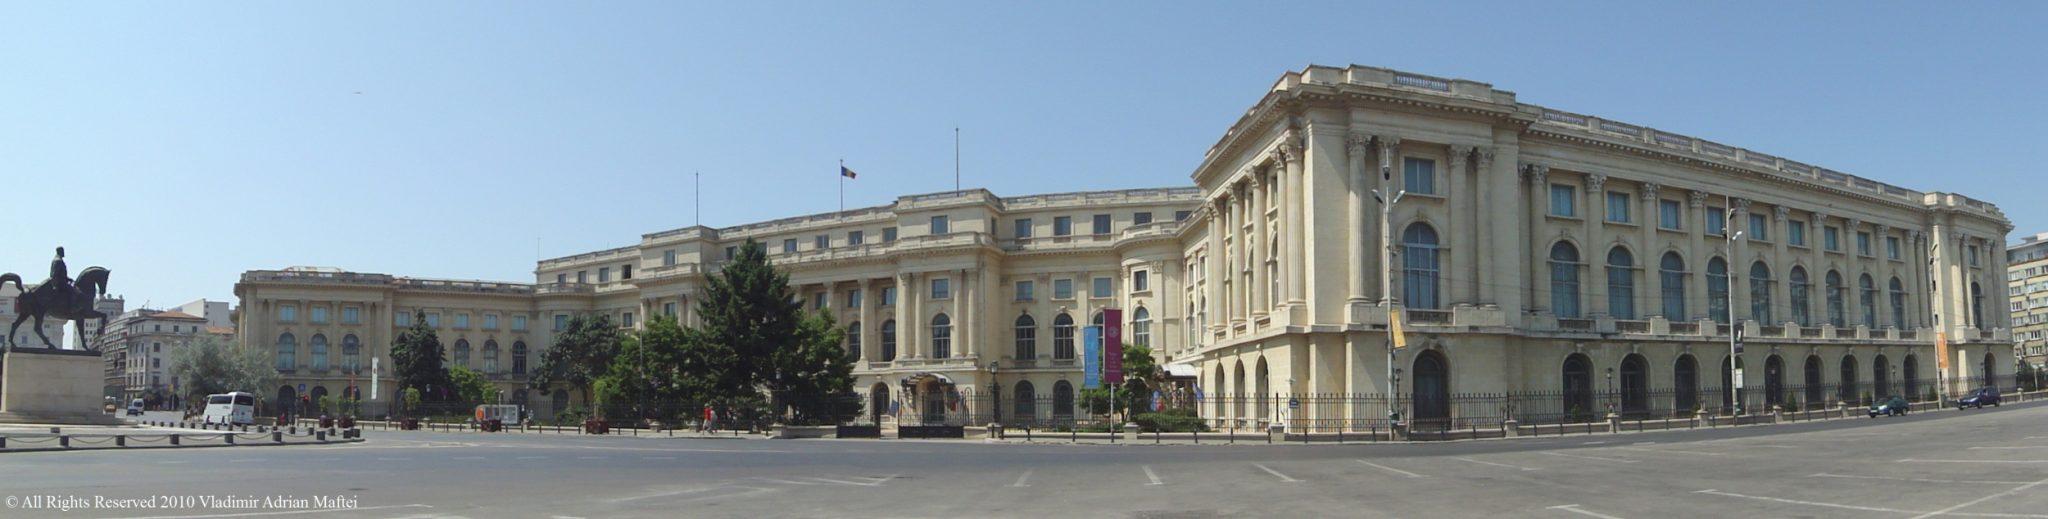 Muzeul Naţional de Artă al României, Muzeul Naţional de Artă, Bucureşti, Palatul Regal